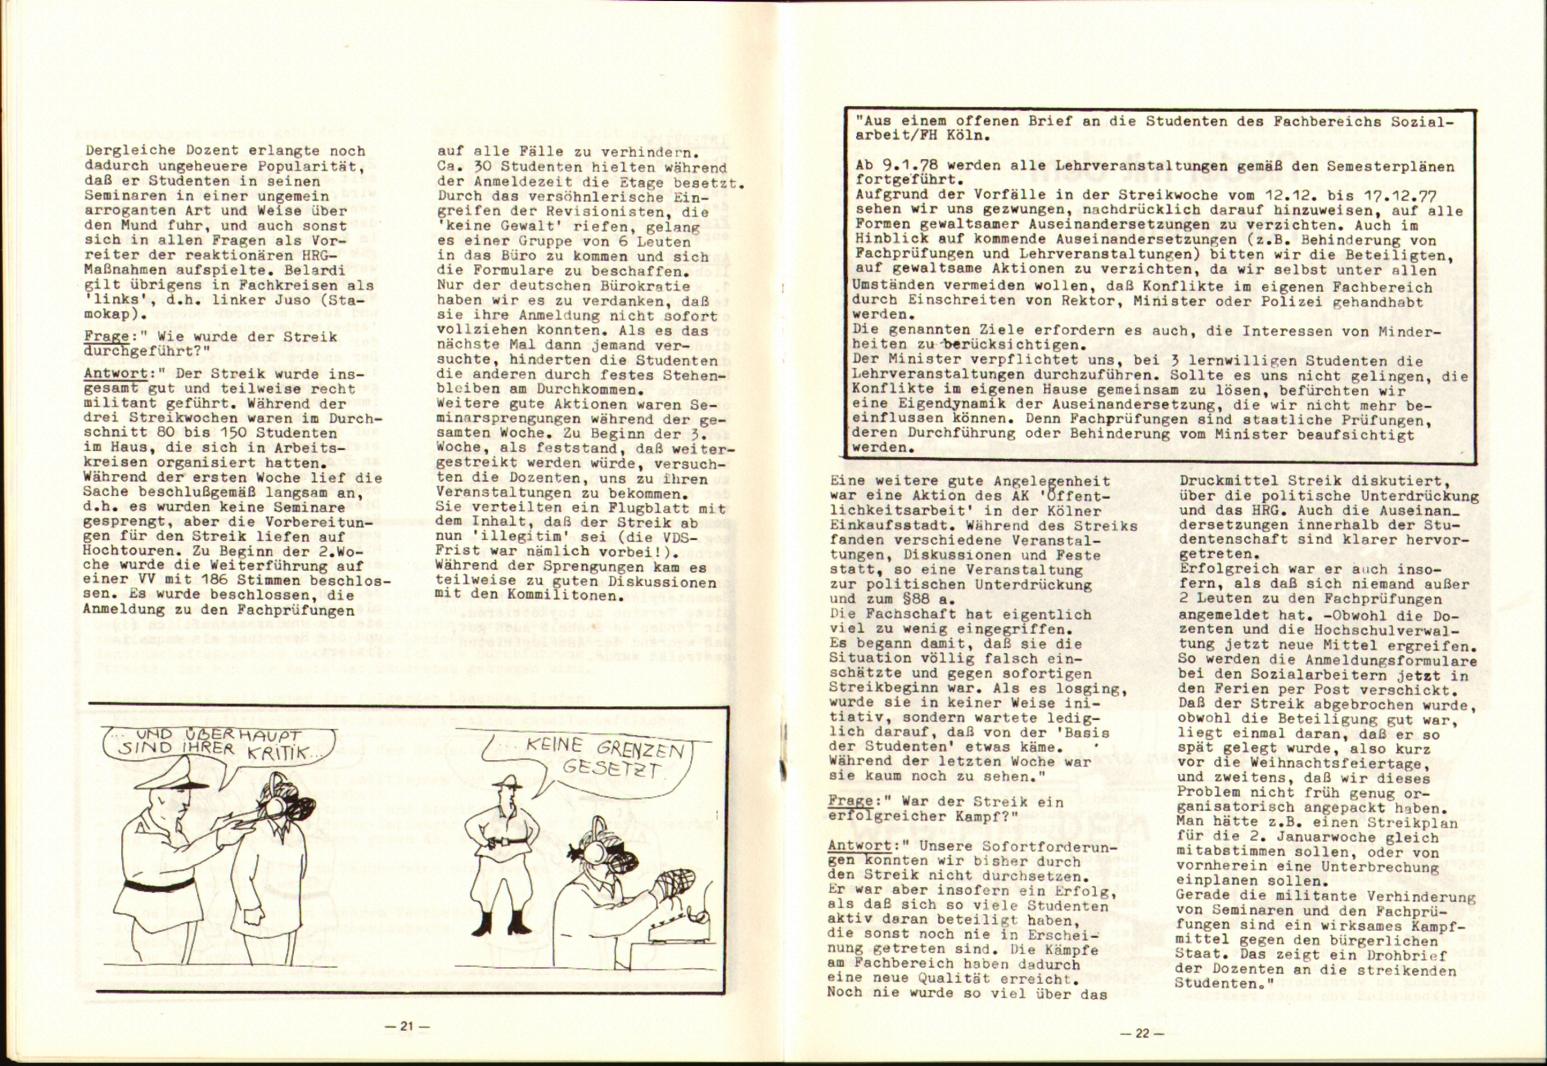 KSBML_1978_Streikdokumentation_WS_77_78_12